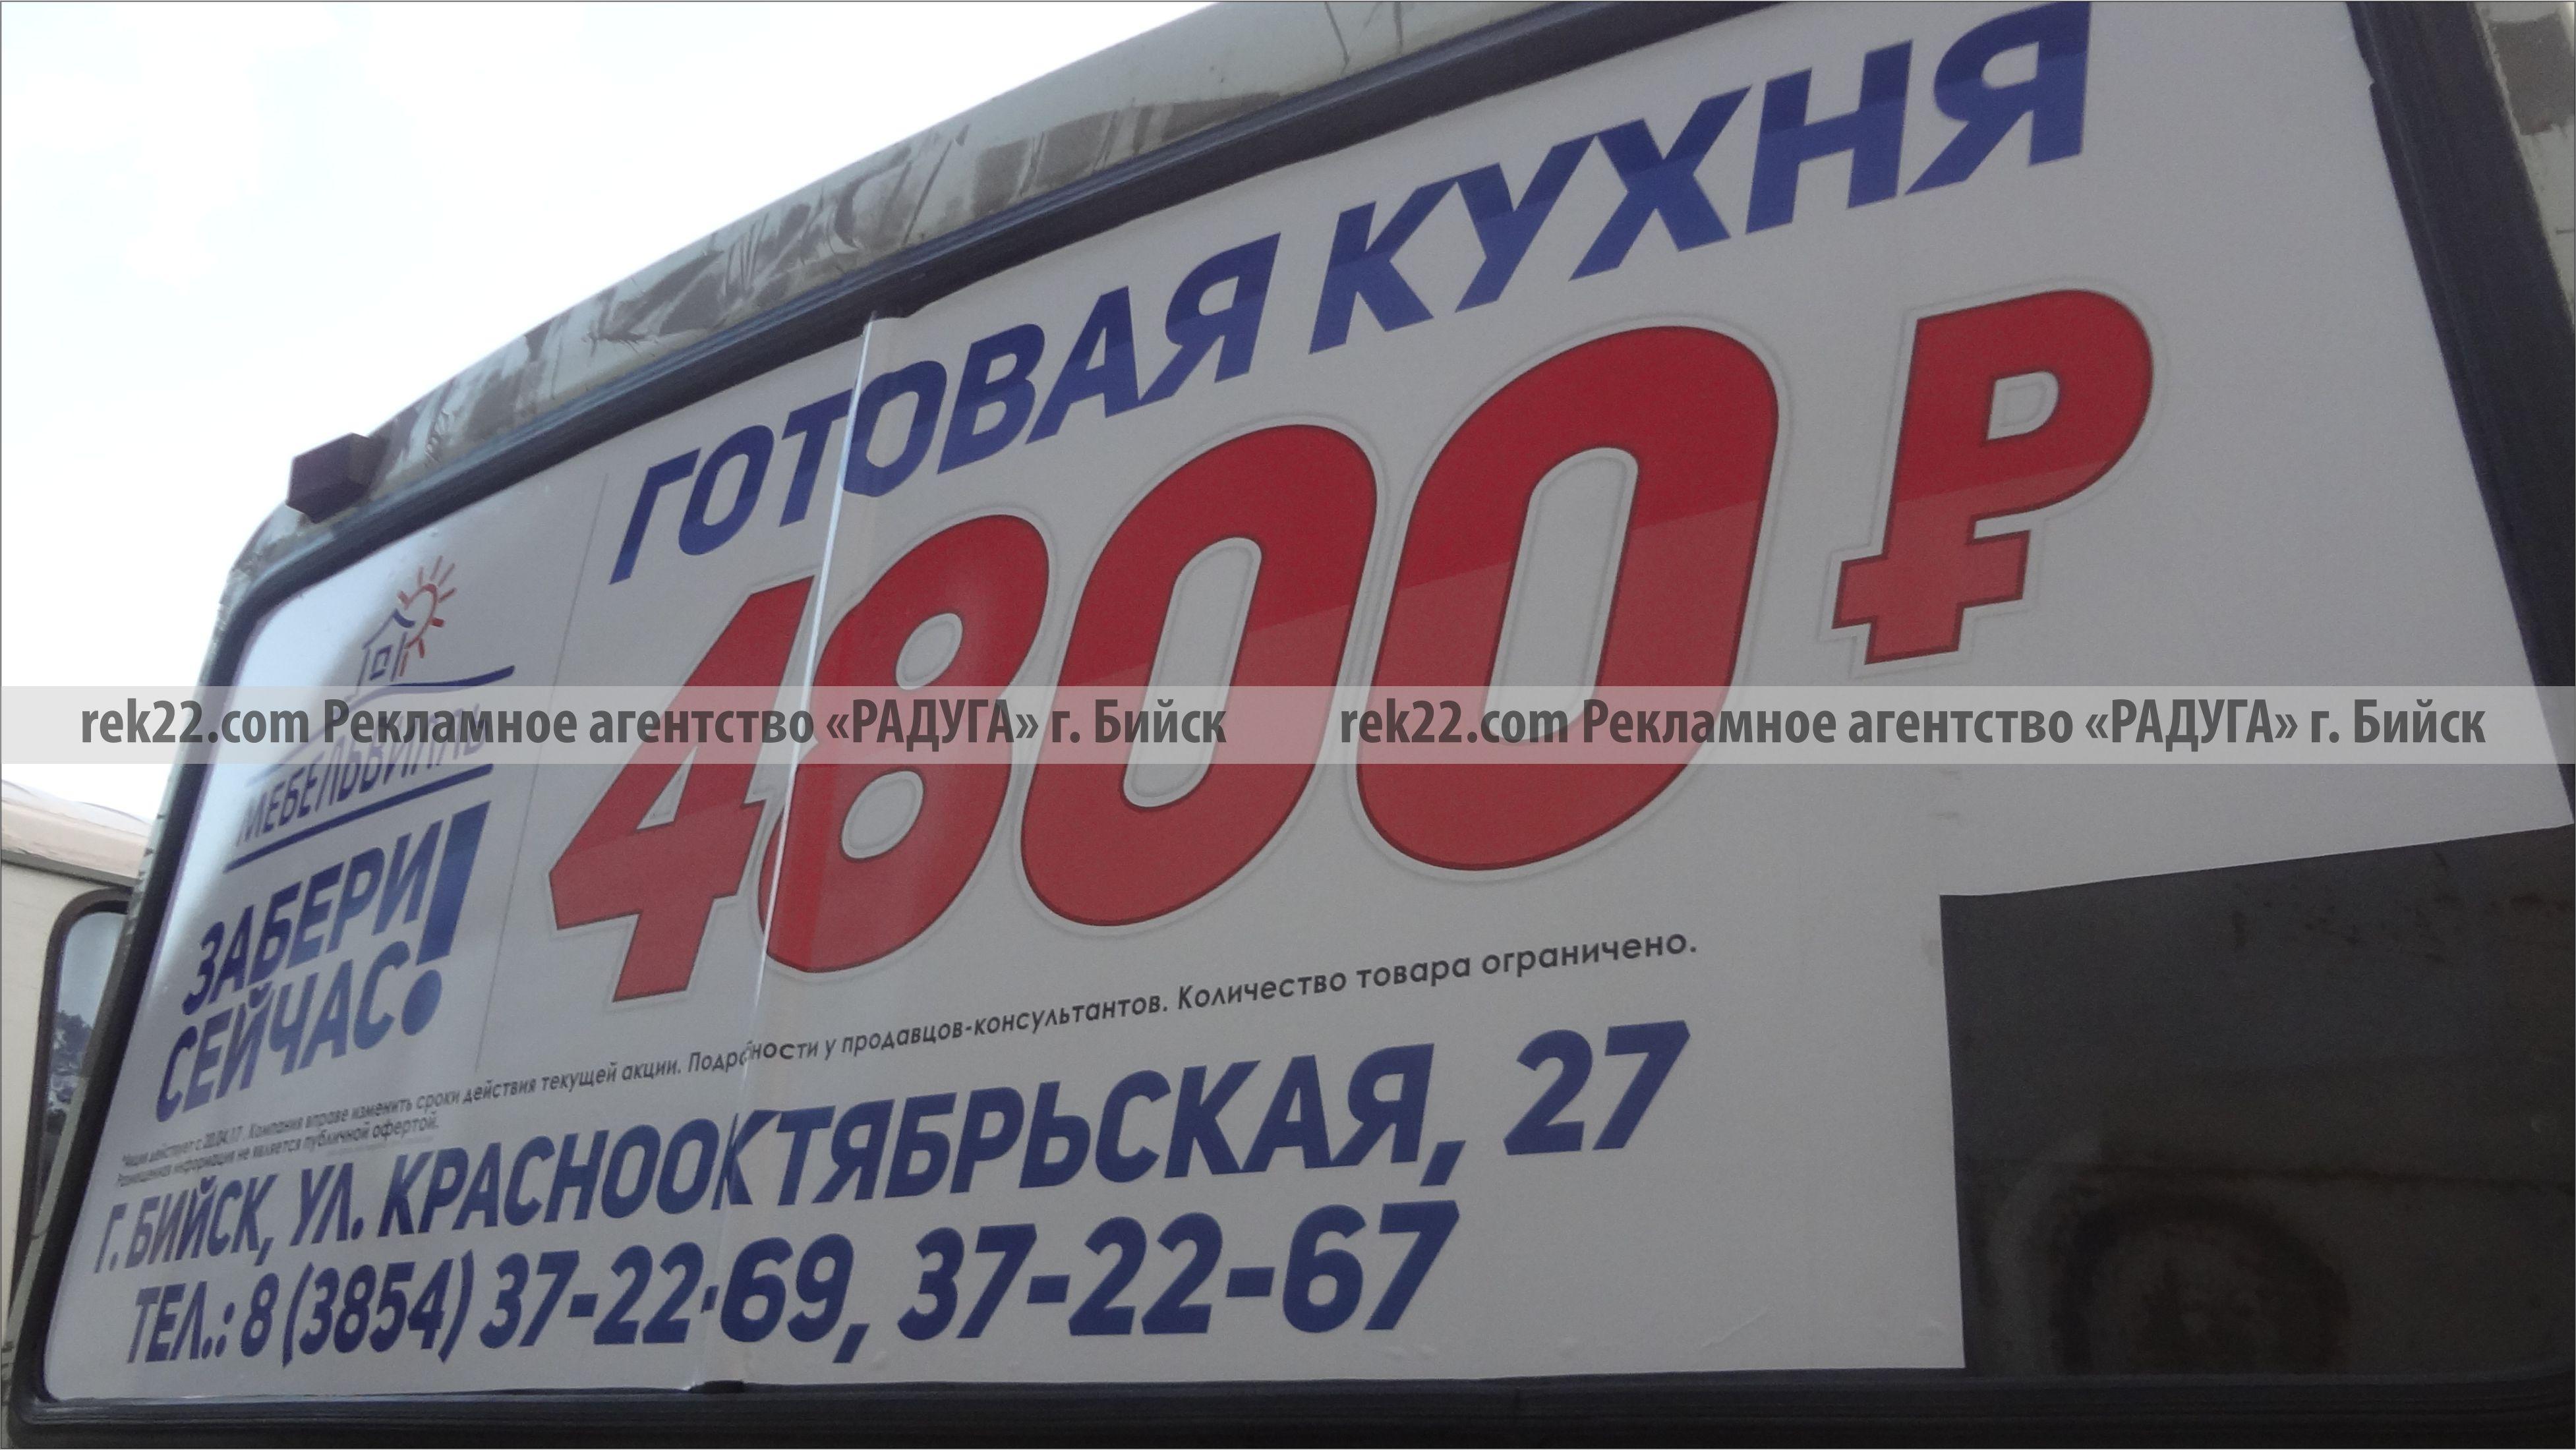 Реклама на транспорте Бийск - бортах, задних стеклах - 5.1